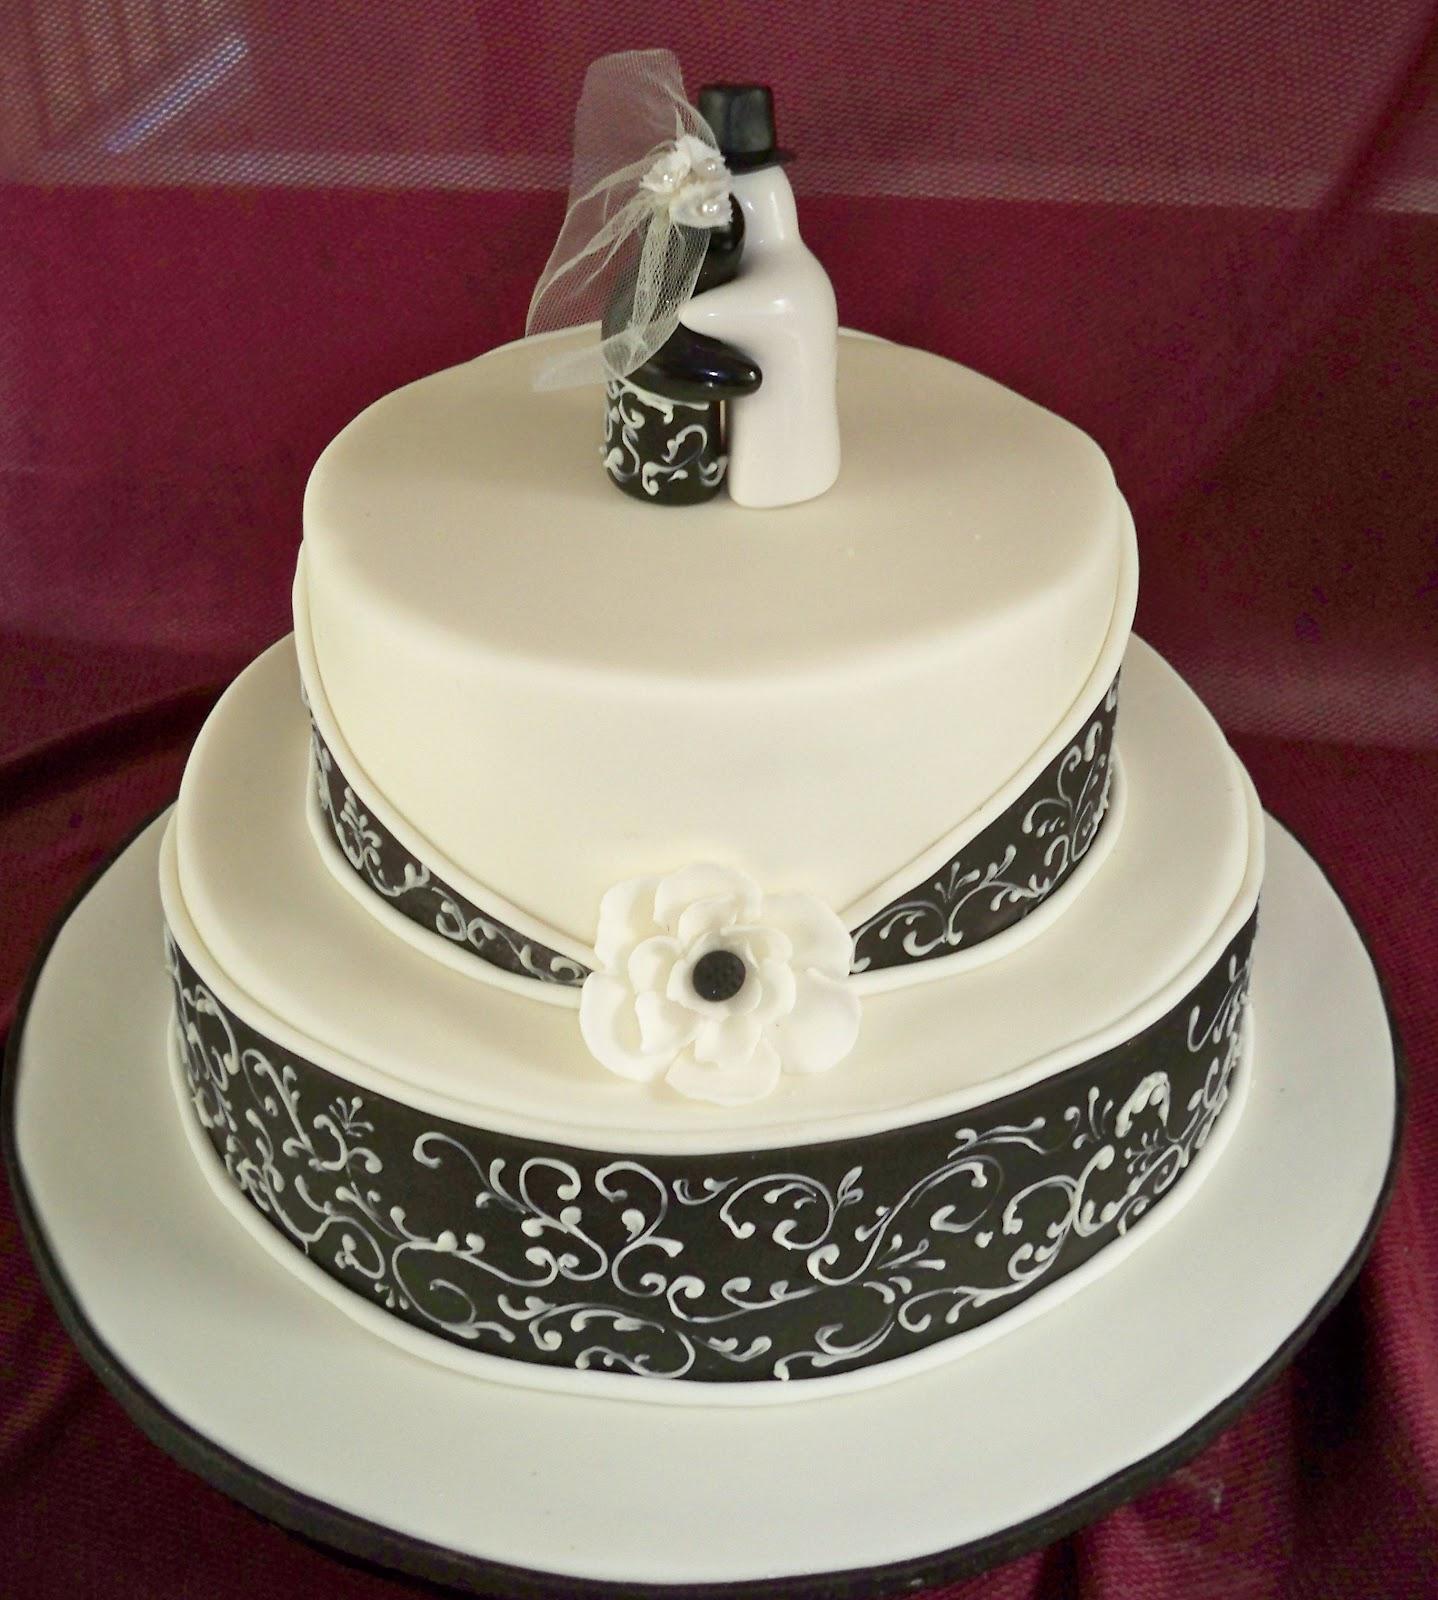 Black and white wedding cakes | Elisabeth\'s Wedding Cakes